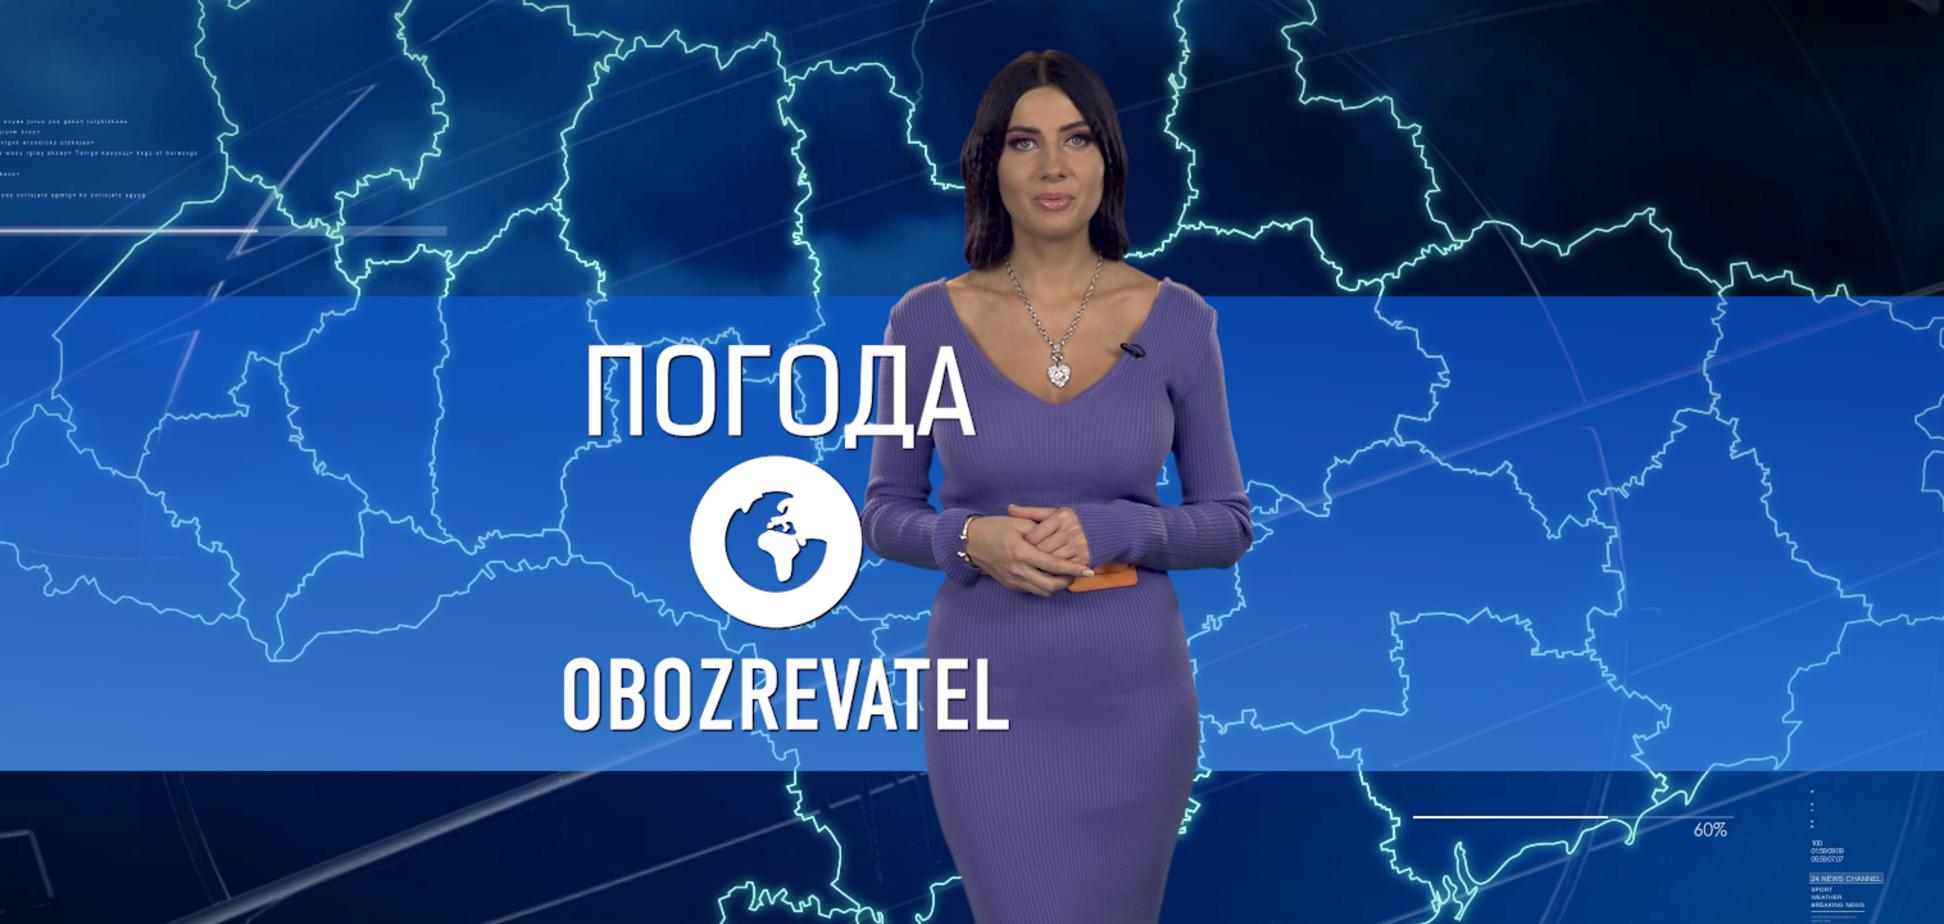 Прогноз погоди в Україні на вівторок 9 березня, з Алісою Мярковською